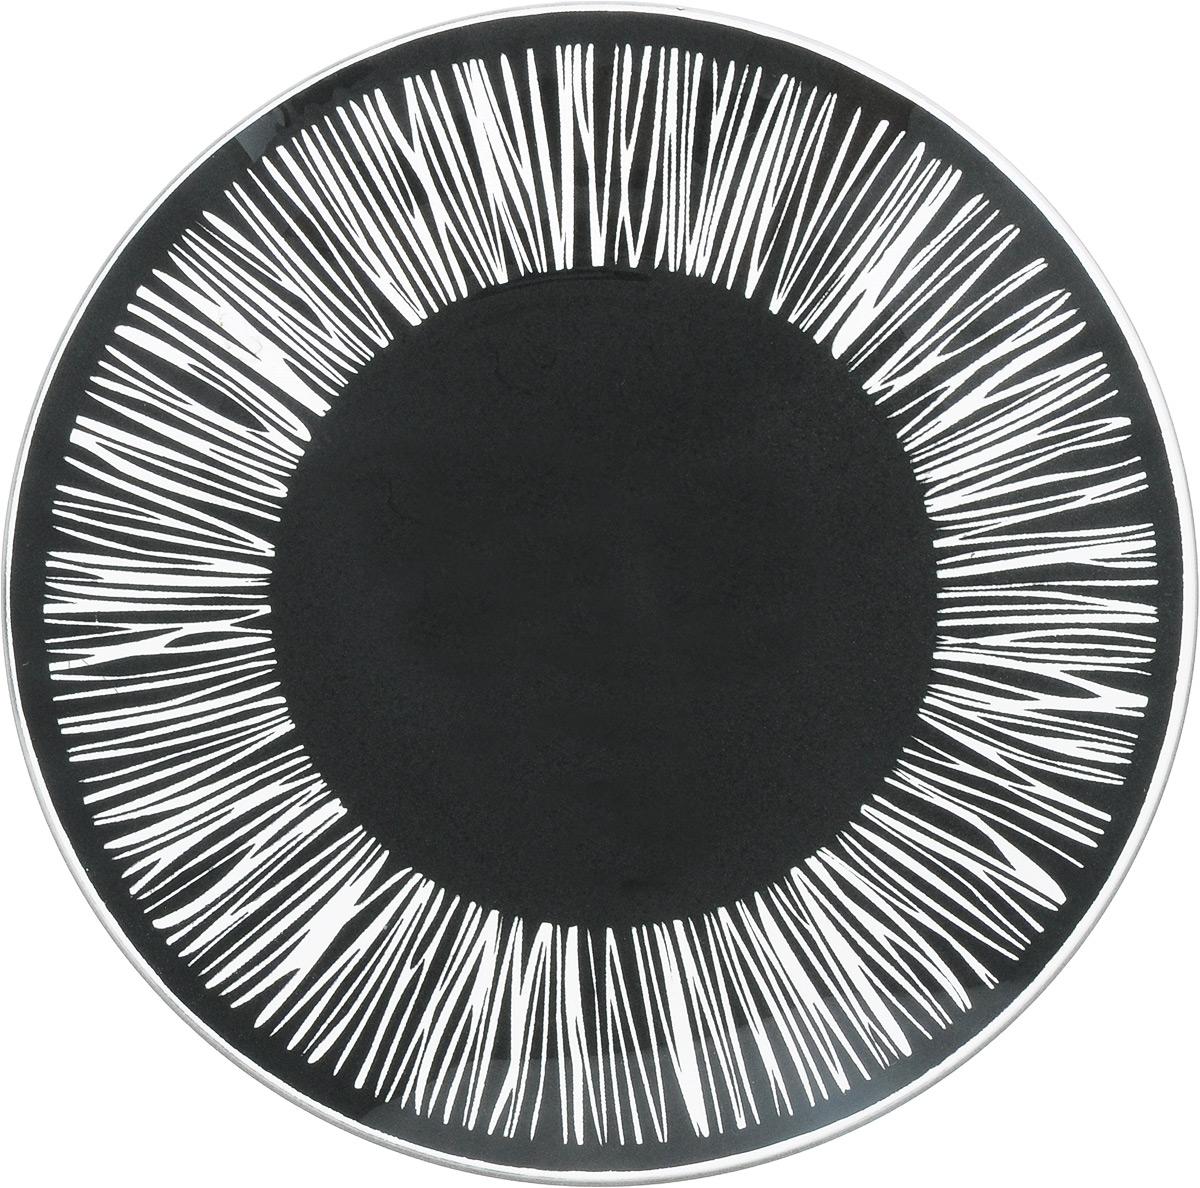 Тарелка NiNaGlass Витас, цвет: черный, диаметр 20 см ваза ninaglass дана цвет шоколад высота 16 см